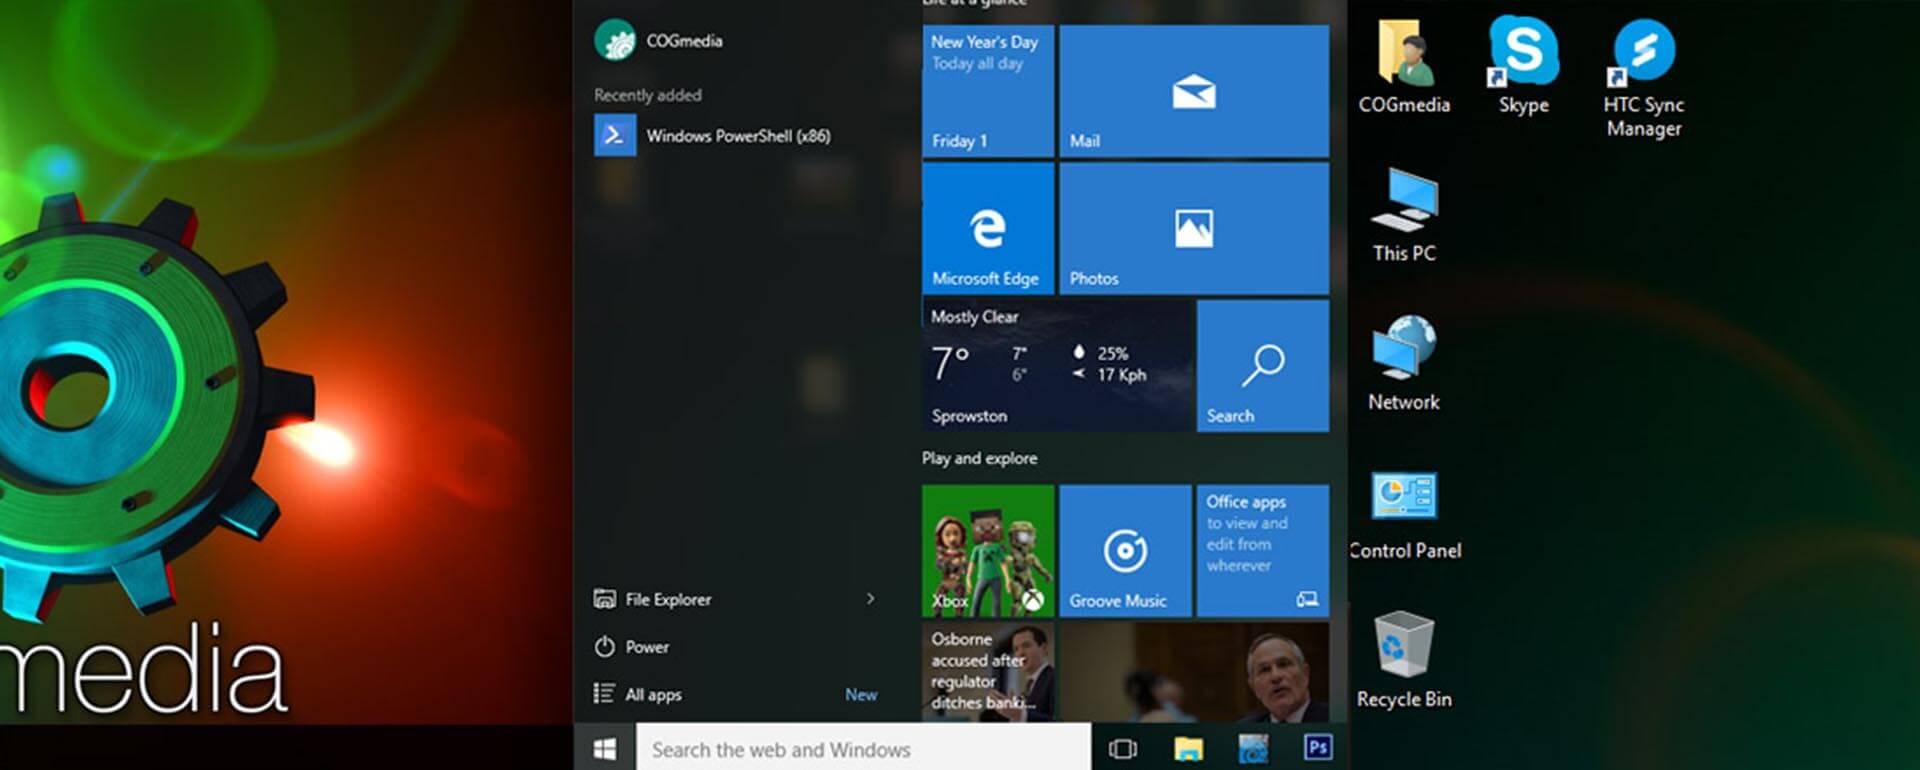 Windows 10 Start menu working fix